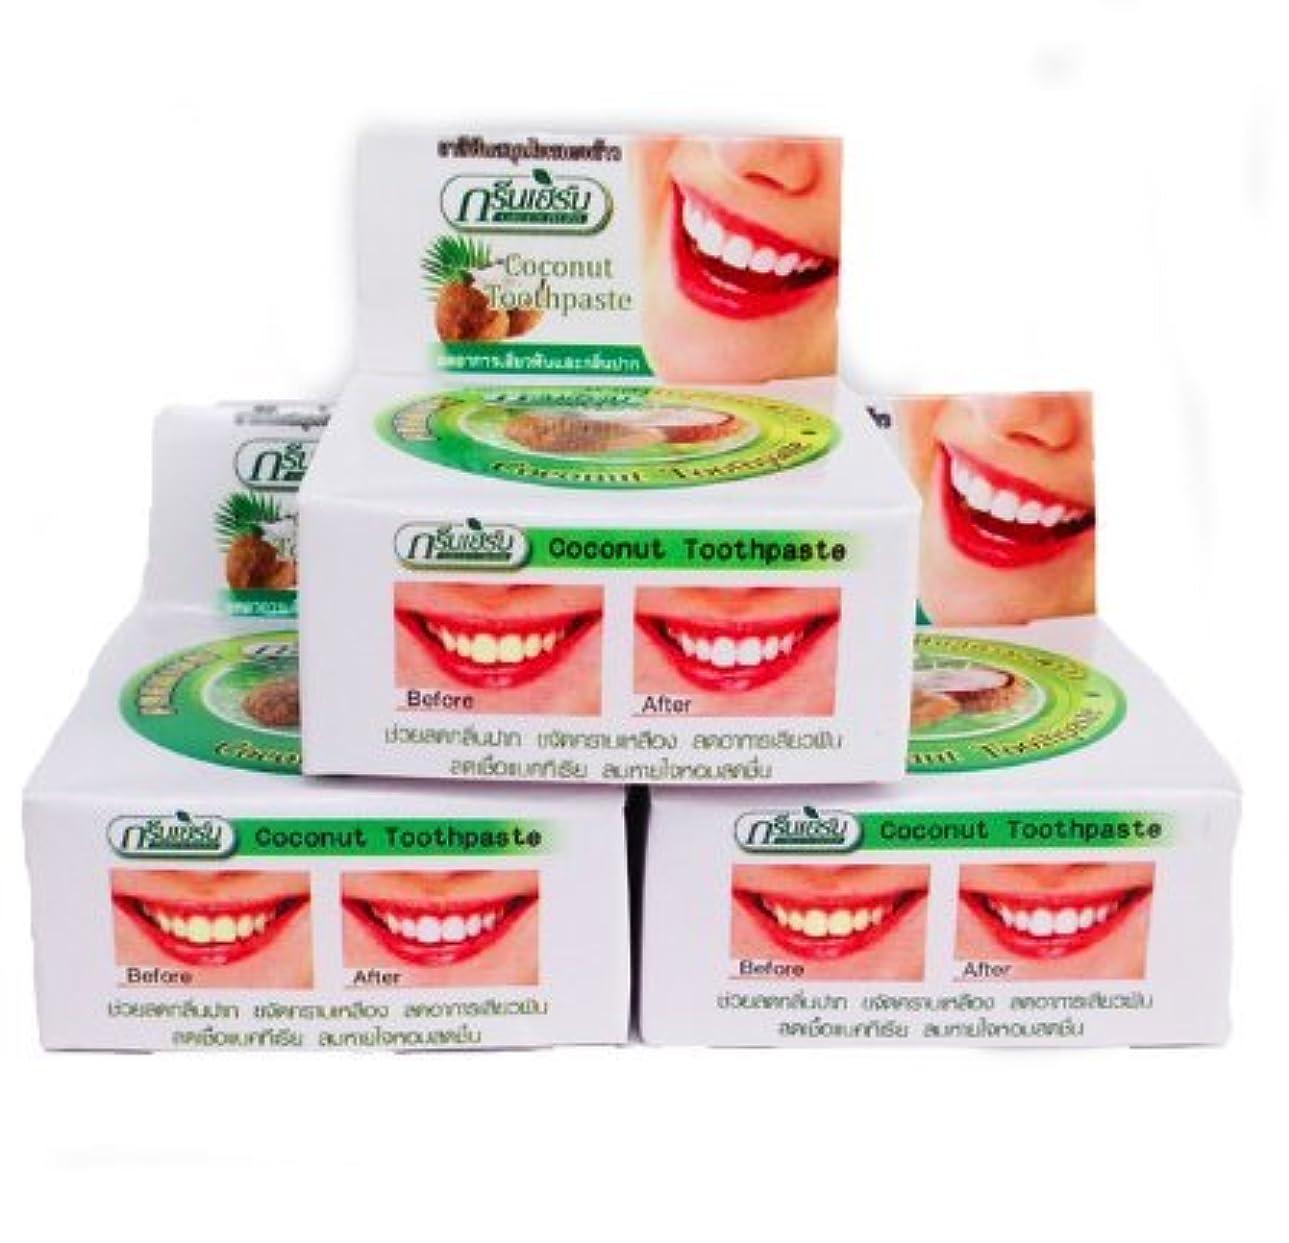 切断する薄暗い超えてASN ハーブ歯磨き粉 10g Thailand Coconut Toothpastes Herbal Clove Toothpaste Teeth Whitening Care 3 pcs. by ASN